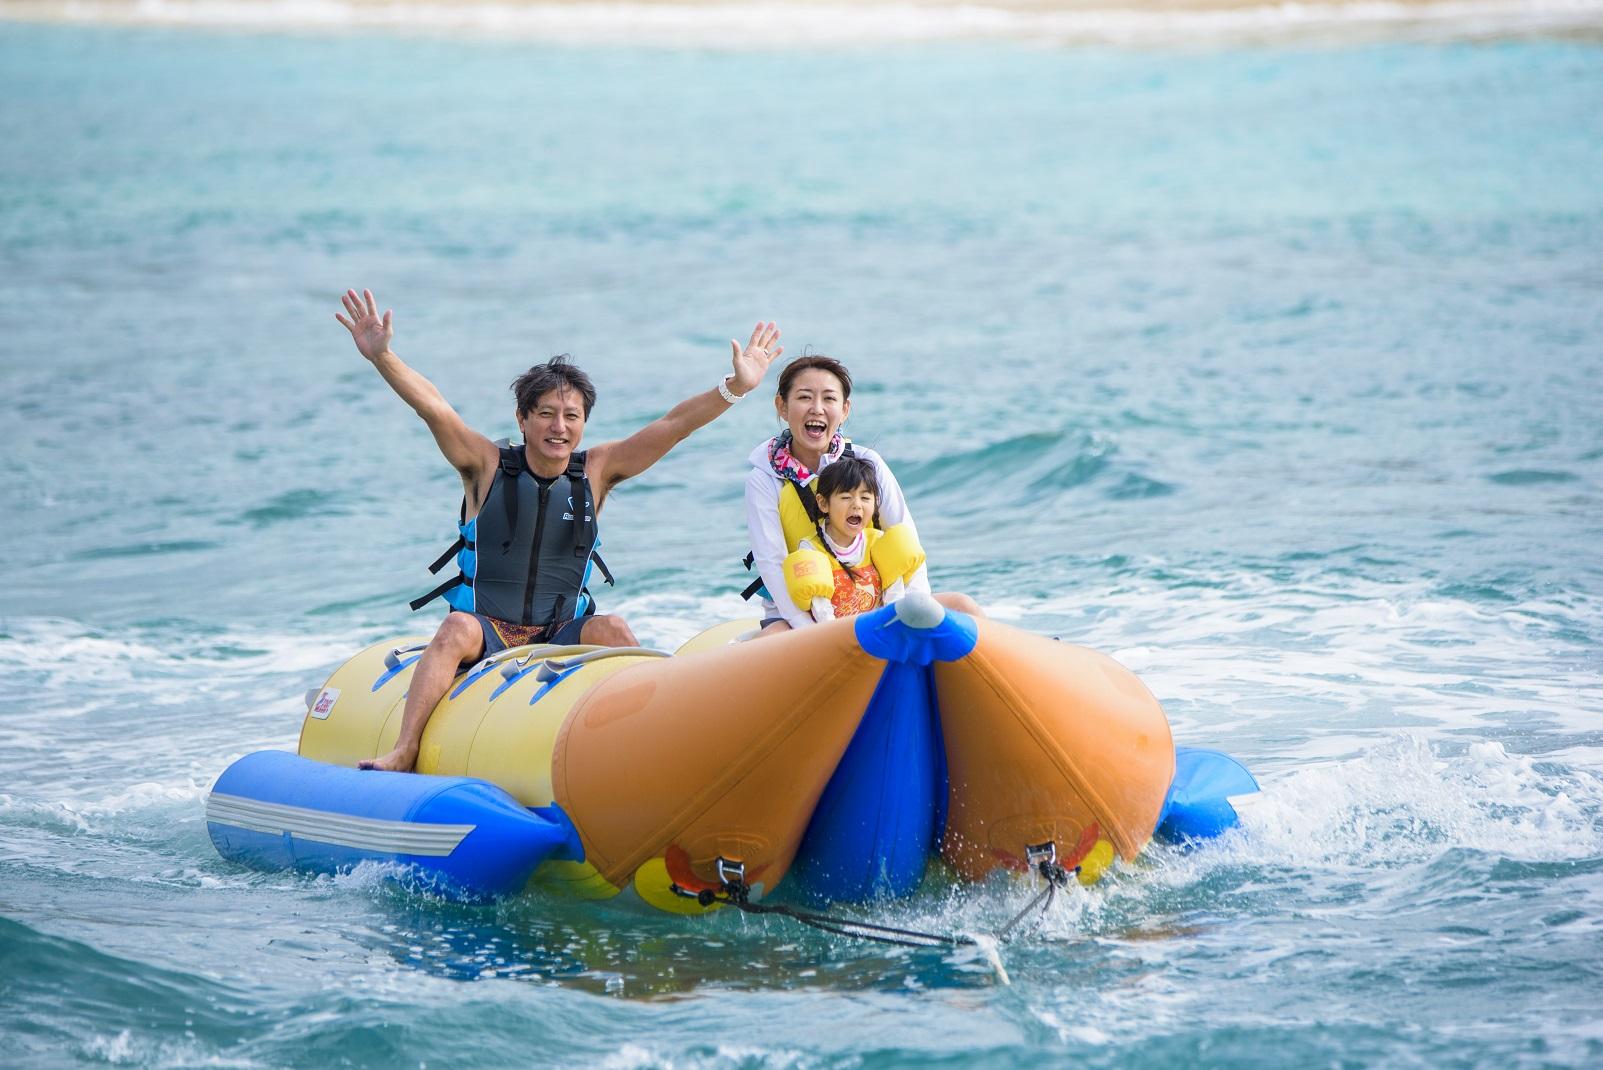 万座毛を海から眺めるバナナボート(所要時間:約15分)